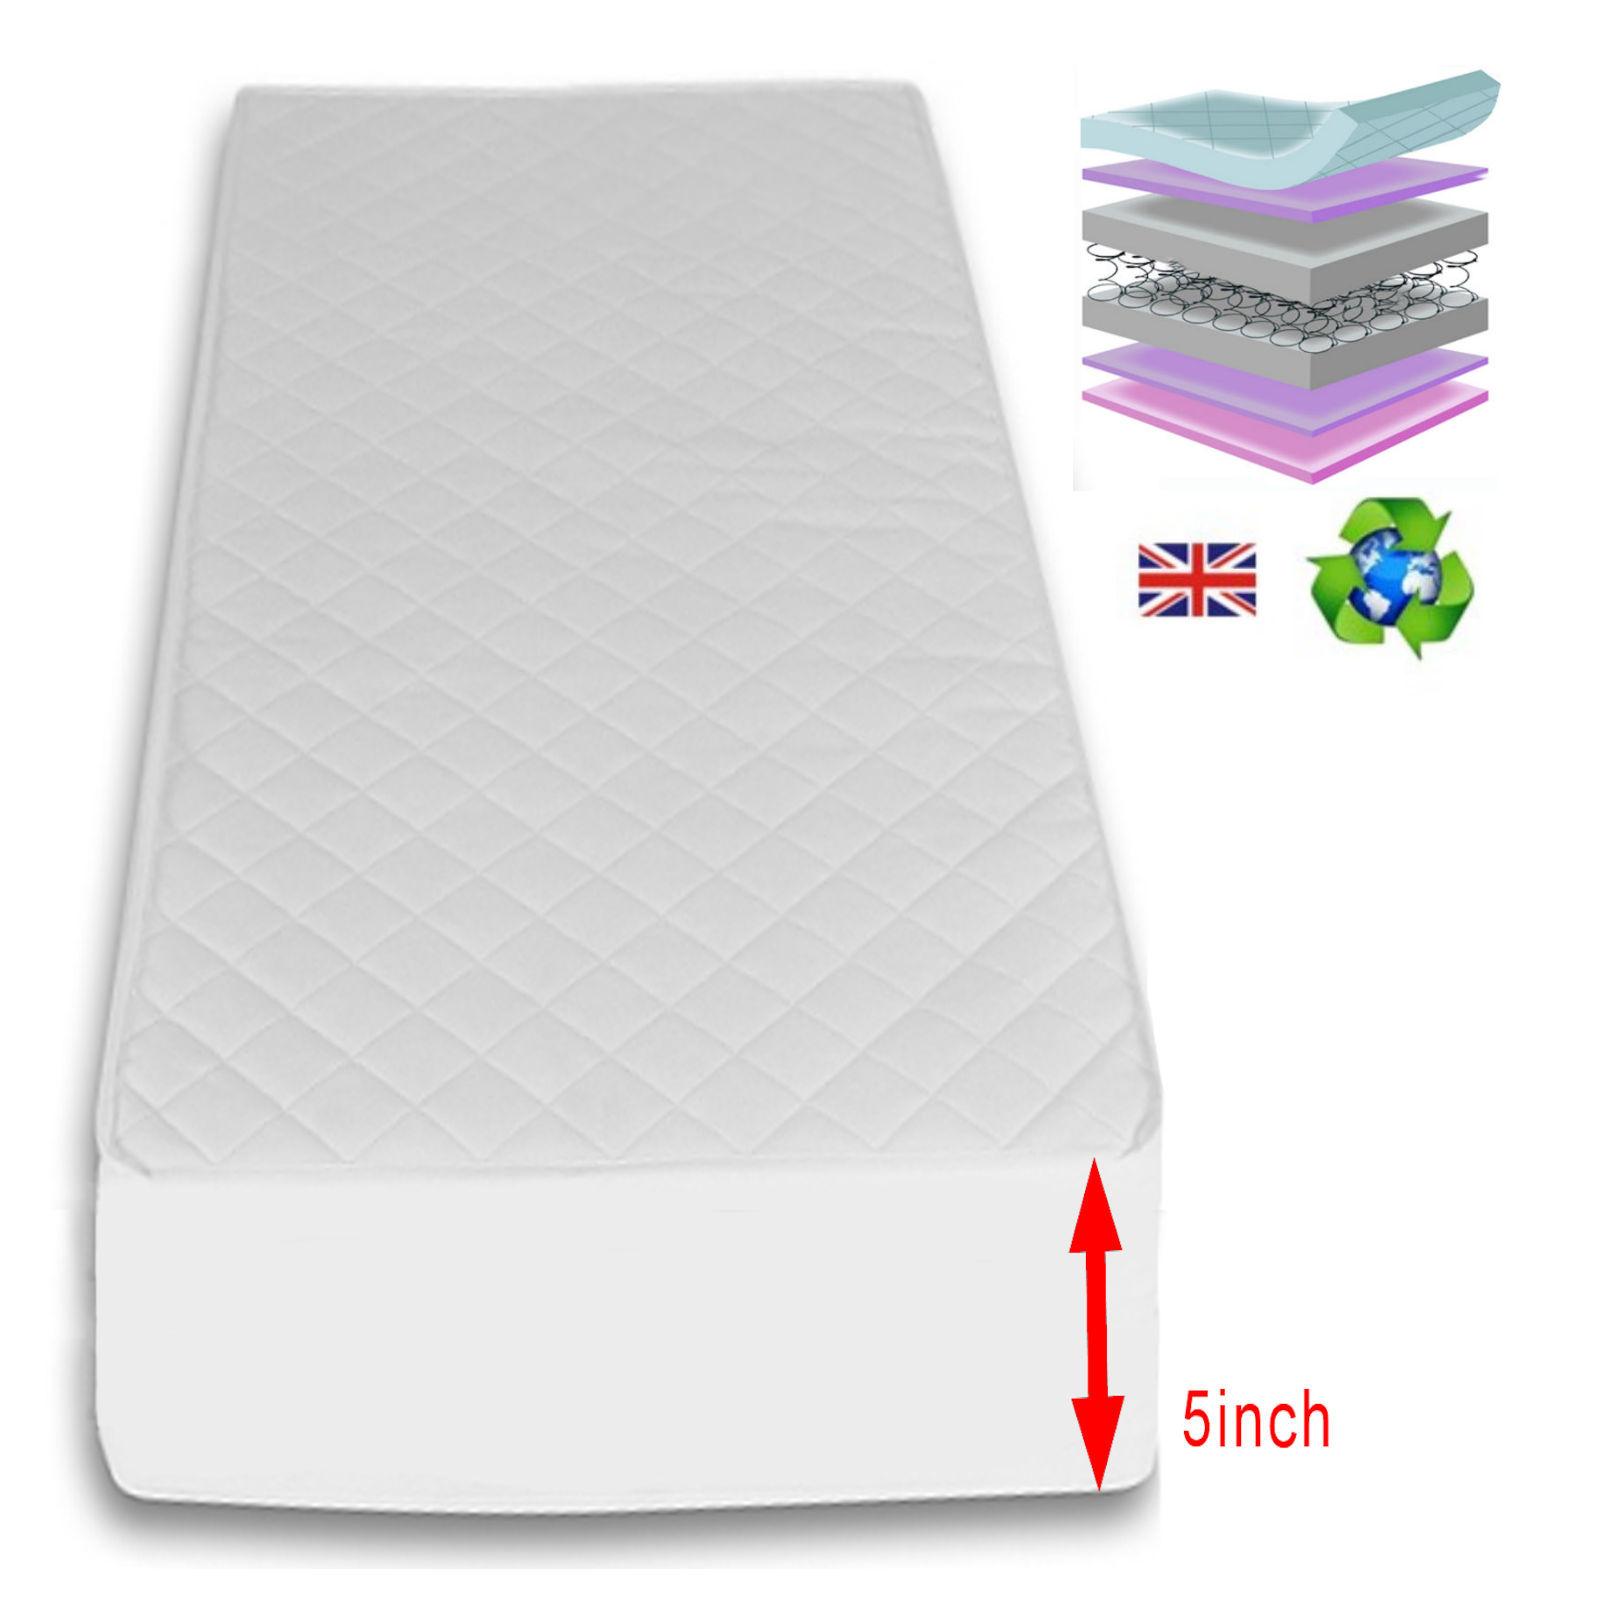 mattresses | online4baby